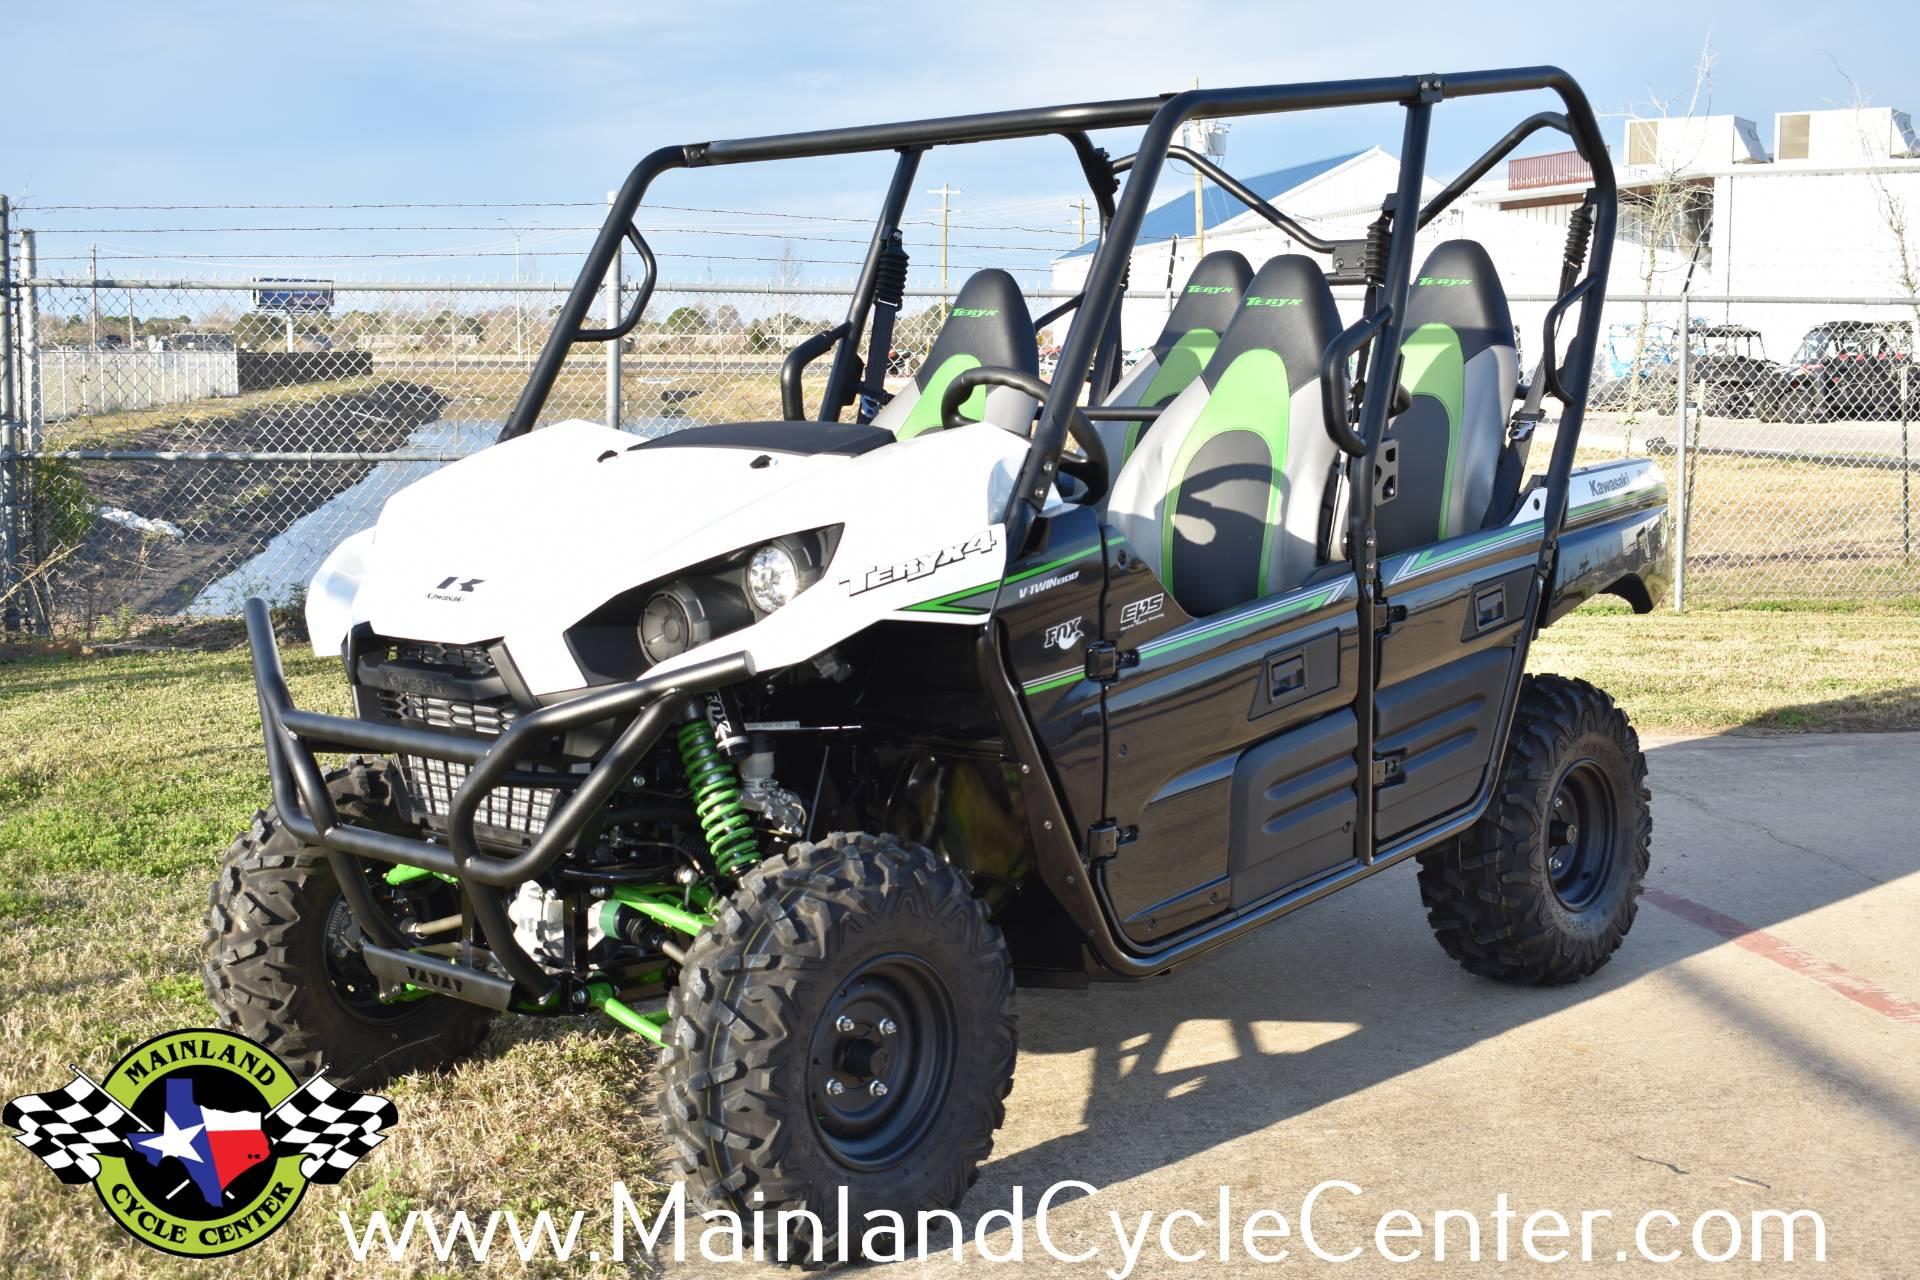 2019 Kawasaki Teryx4 for sale 5570